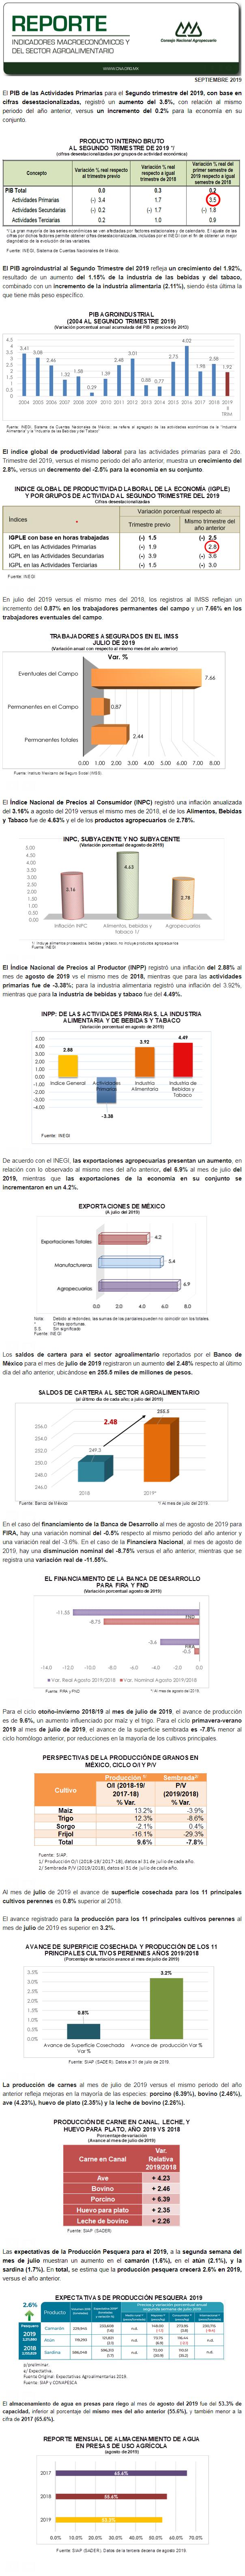 REPORTE DE INDICADORES MACROECONÓMICOS Y SECTORIALES MES DE SEPTIEMBRE DE 2019